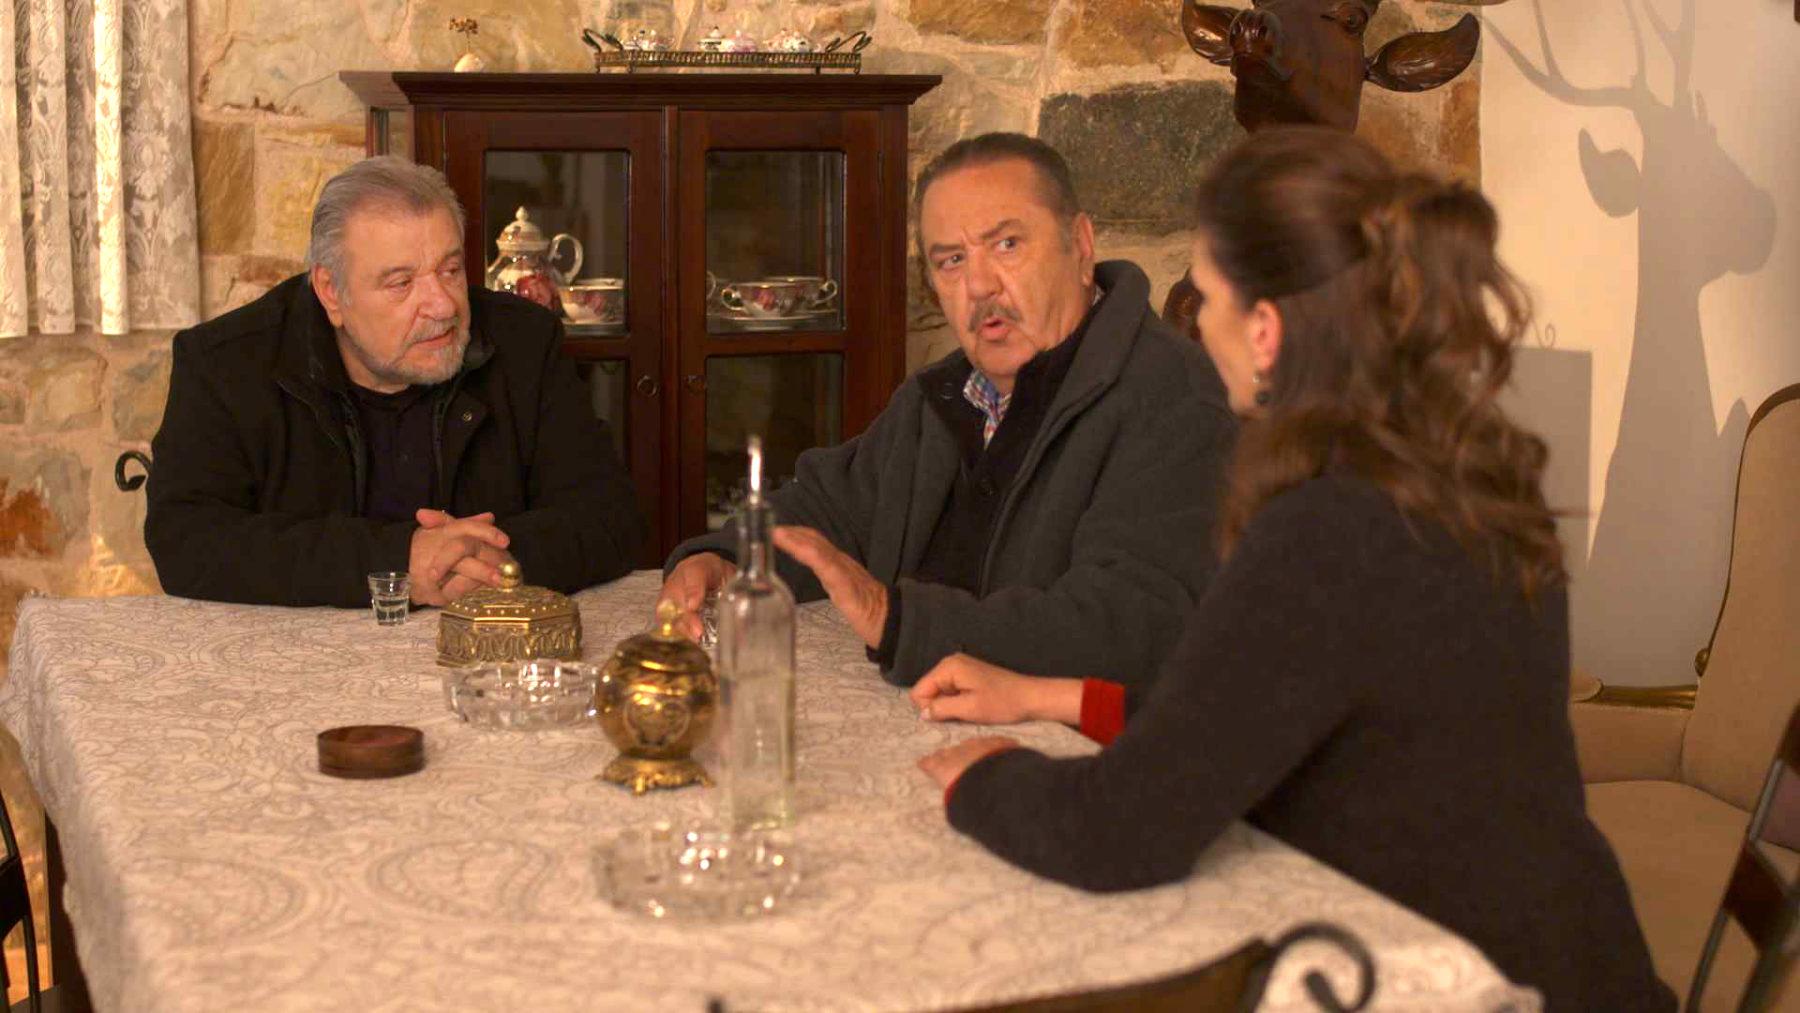 Χαιρέτα μου τον πλάτανο: ο Χαραλάμπης προσπαθεί να συμφιλιώσει Μένιο και Ηλία